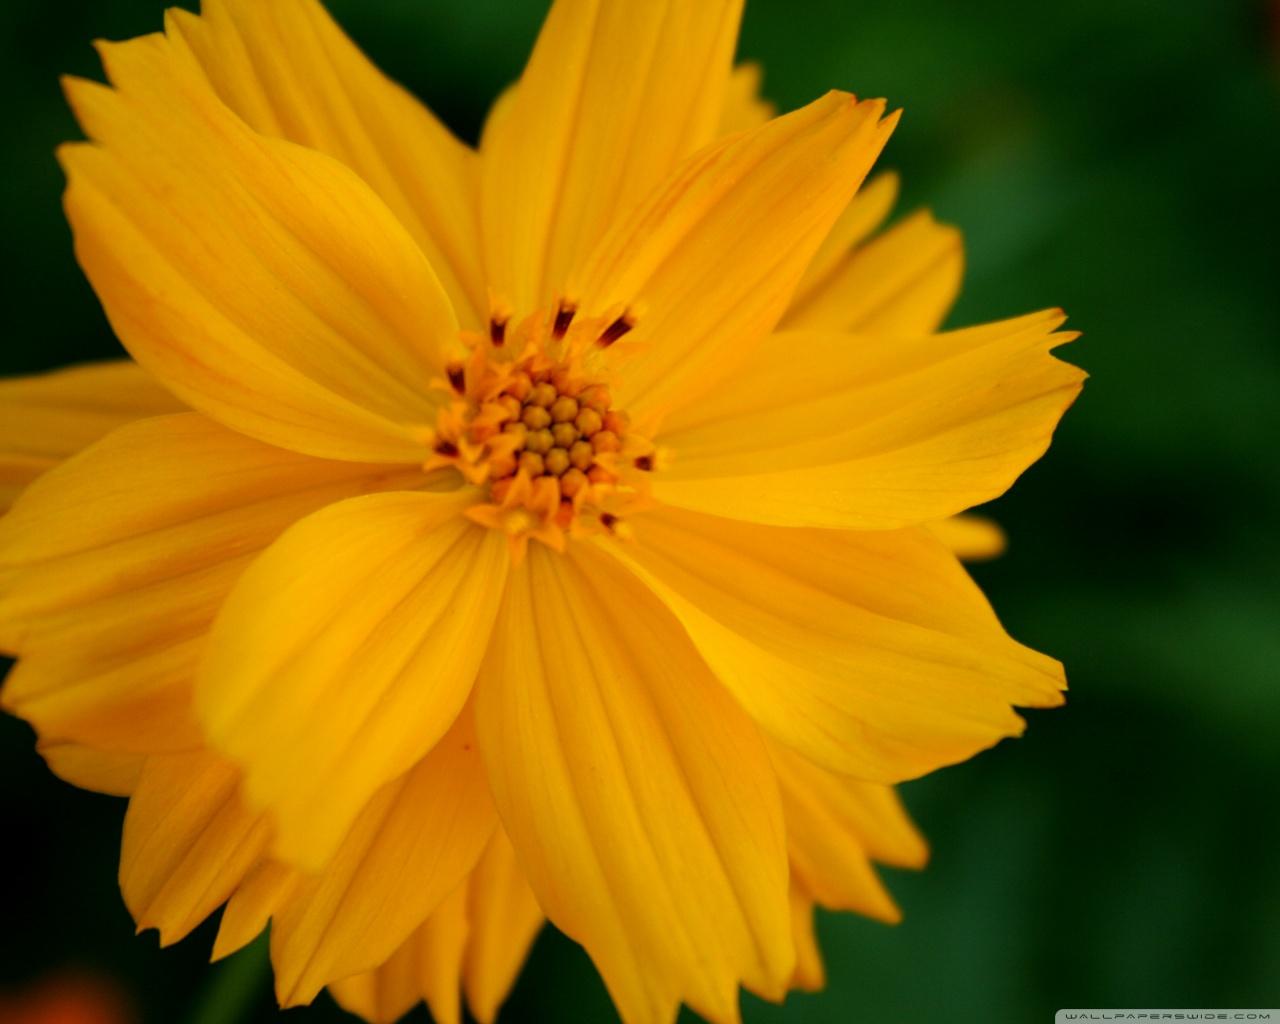 Sulfur Cosmos Flower 4K HD Desktop Wallpaper for 4K Ultra HD TV 1280x1024